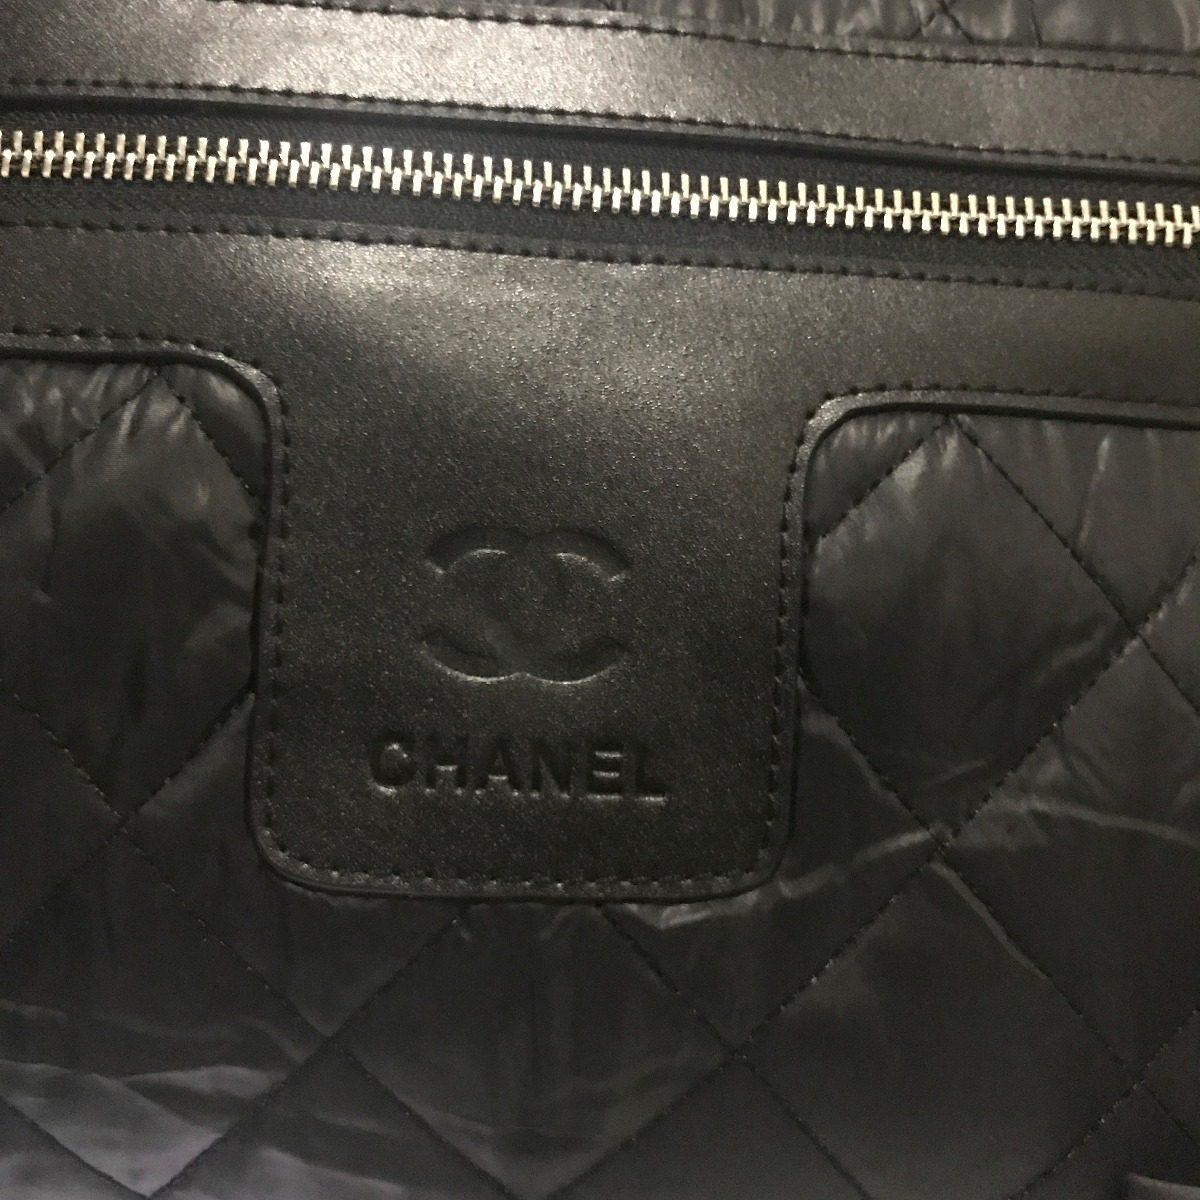 648a0794877 bolsa chanel coco cocoon nylon preta - importada. Carregando zoom.